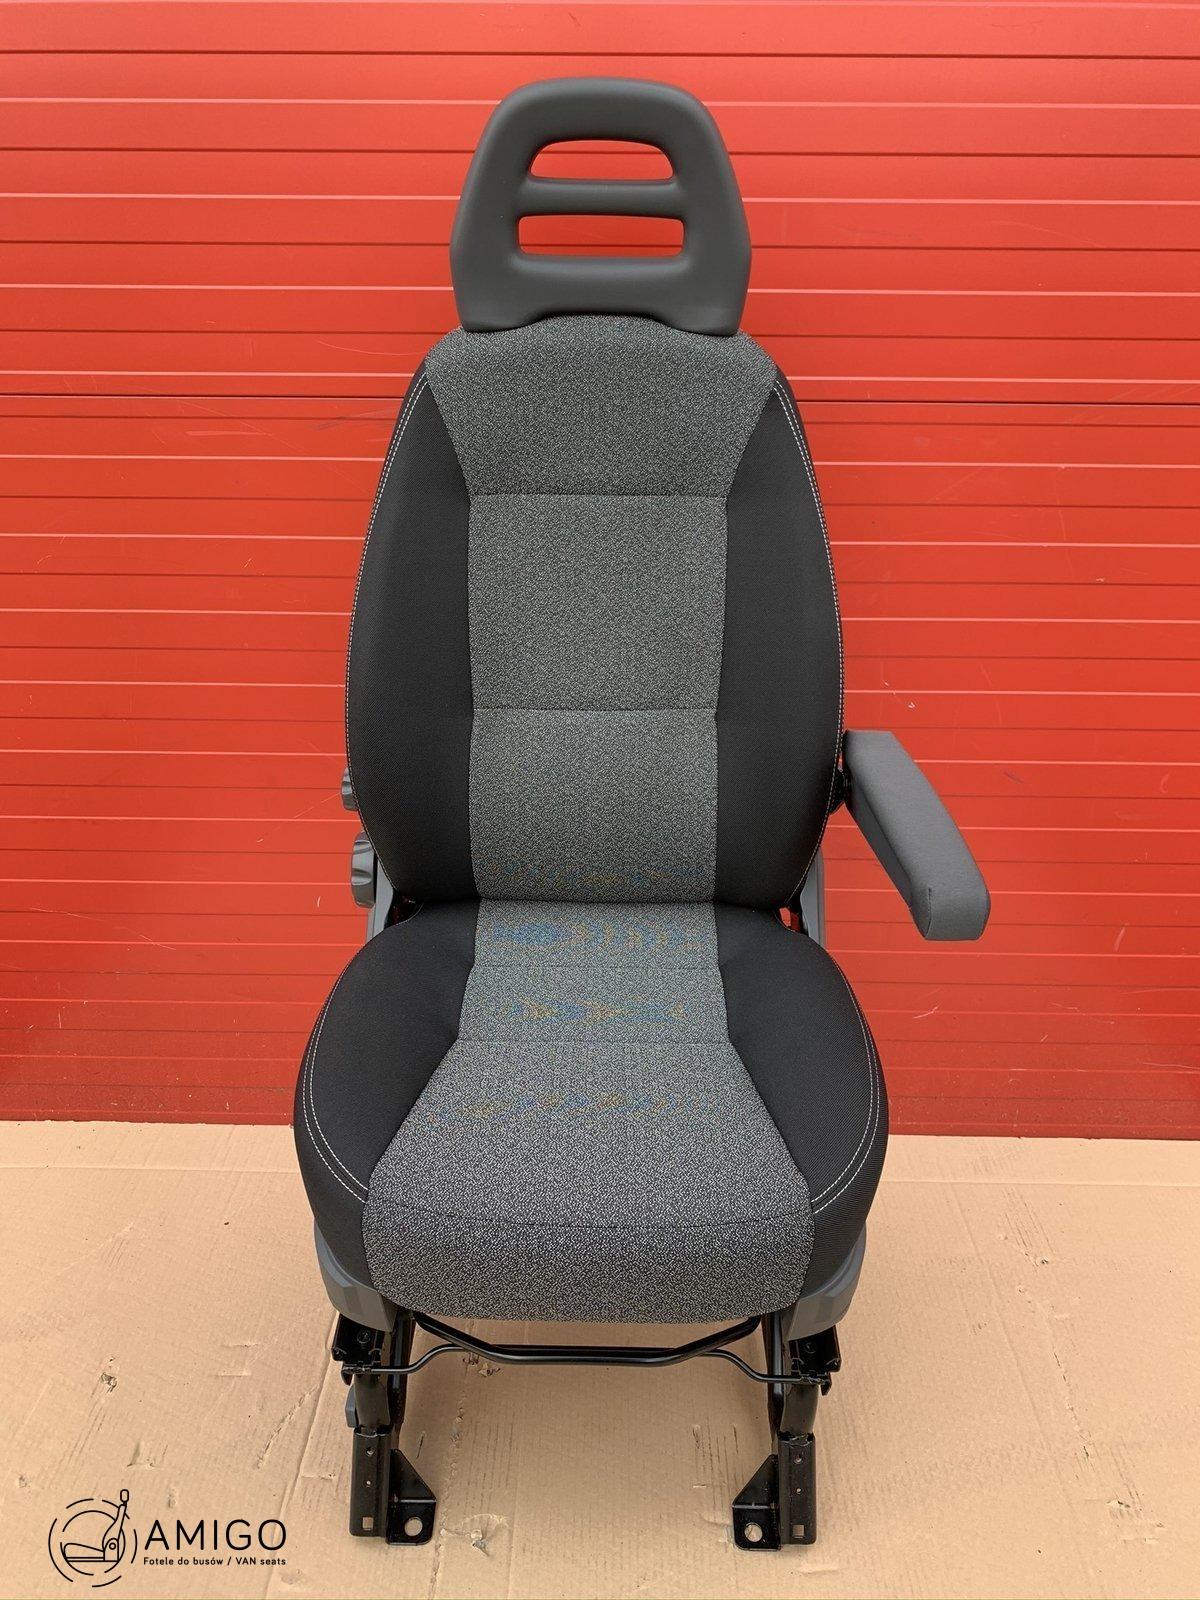 peugeot boxer front single passenger seat